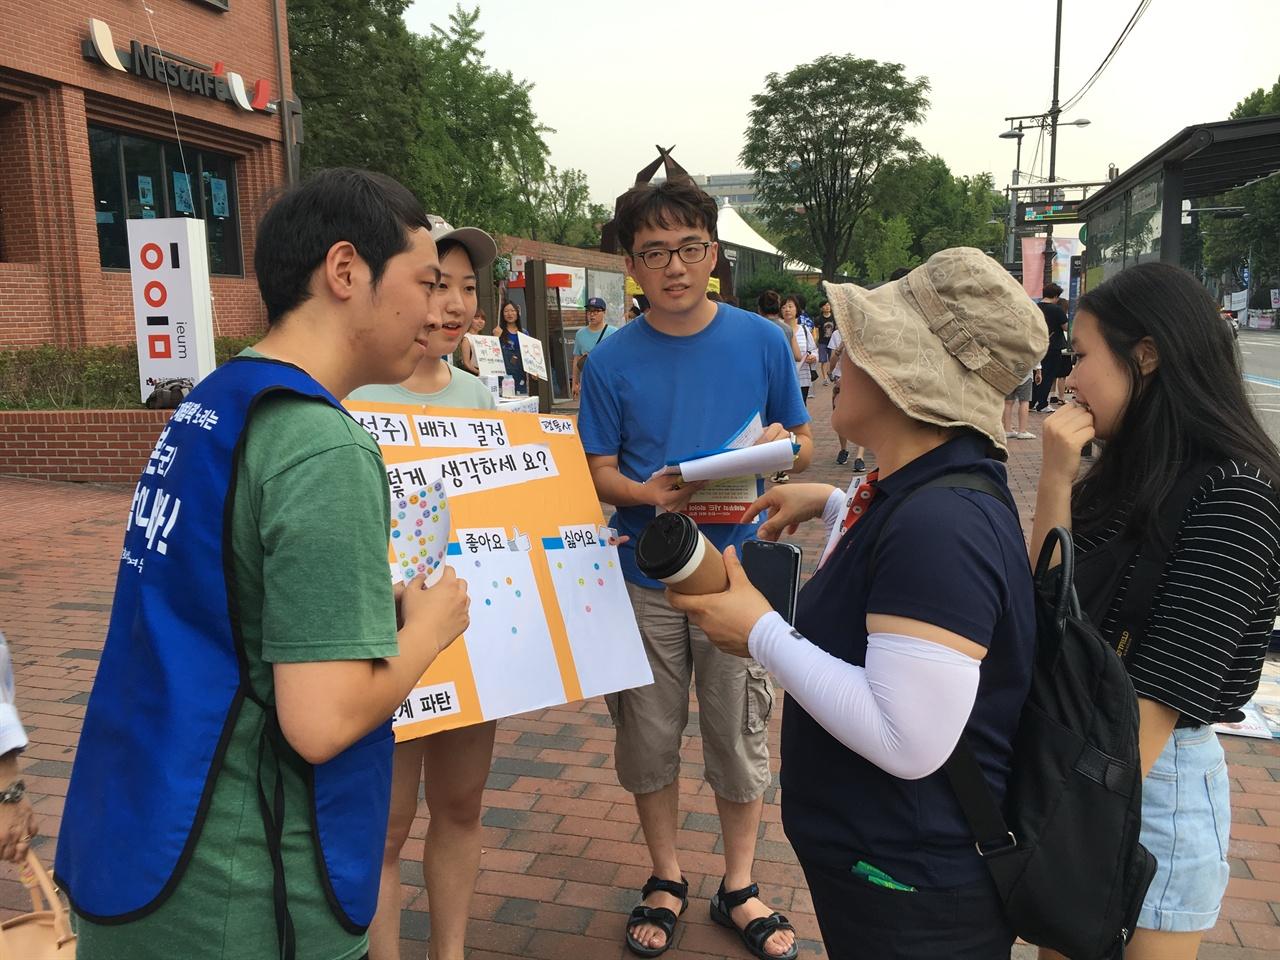 '사드 배치 어떻해 생각하세요?' 시민 설문 - 대학로 마로니에 공원 사드로 남한을 방어할 수 없다는 사실을 안 대부분의 시민들은 사드 반대 입장으로 돌아섰다.